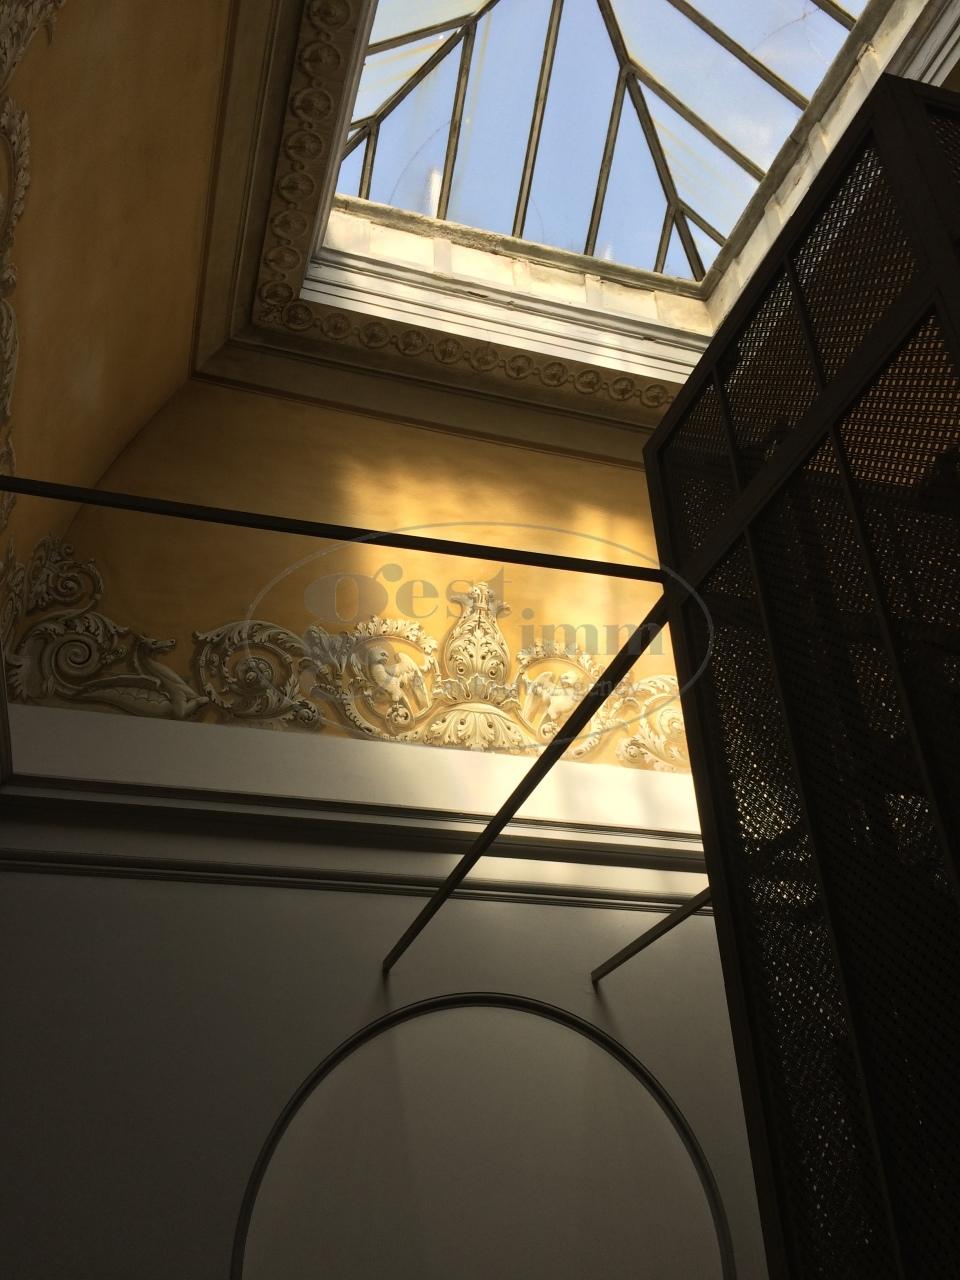 Appartamento in vendita a Livorno, 5 locali, prezzo € 165.000 | CambioCasa.it